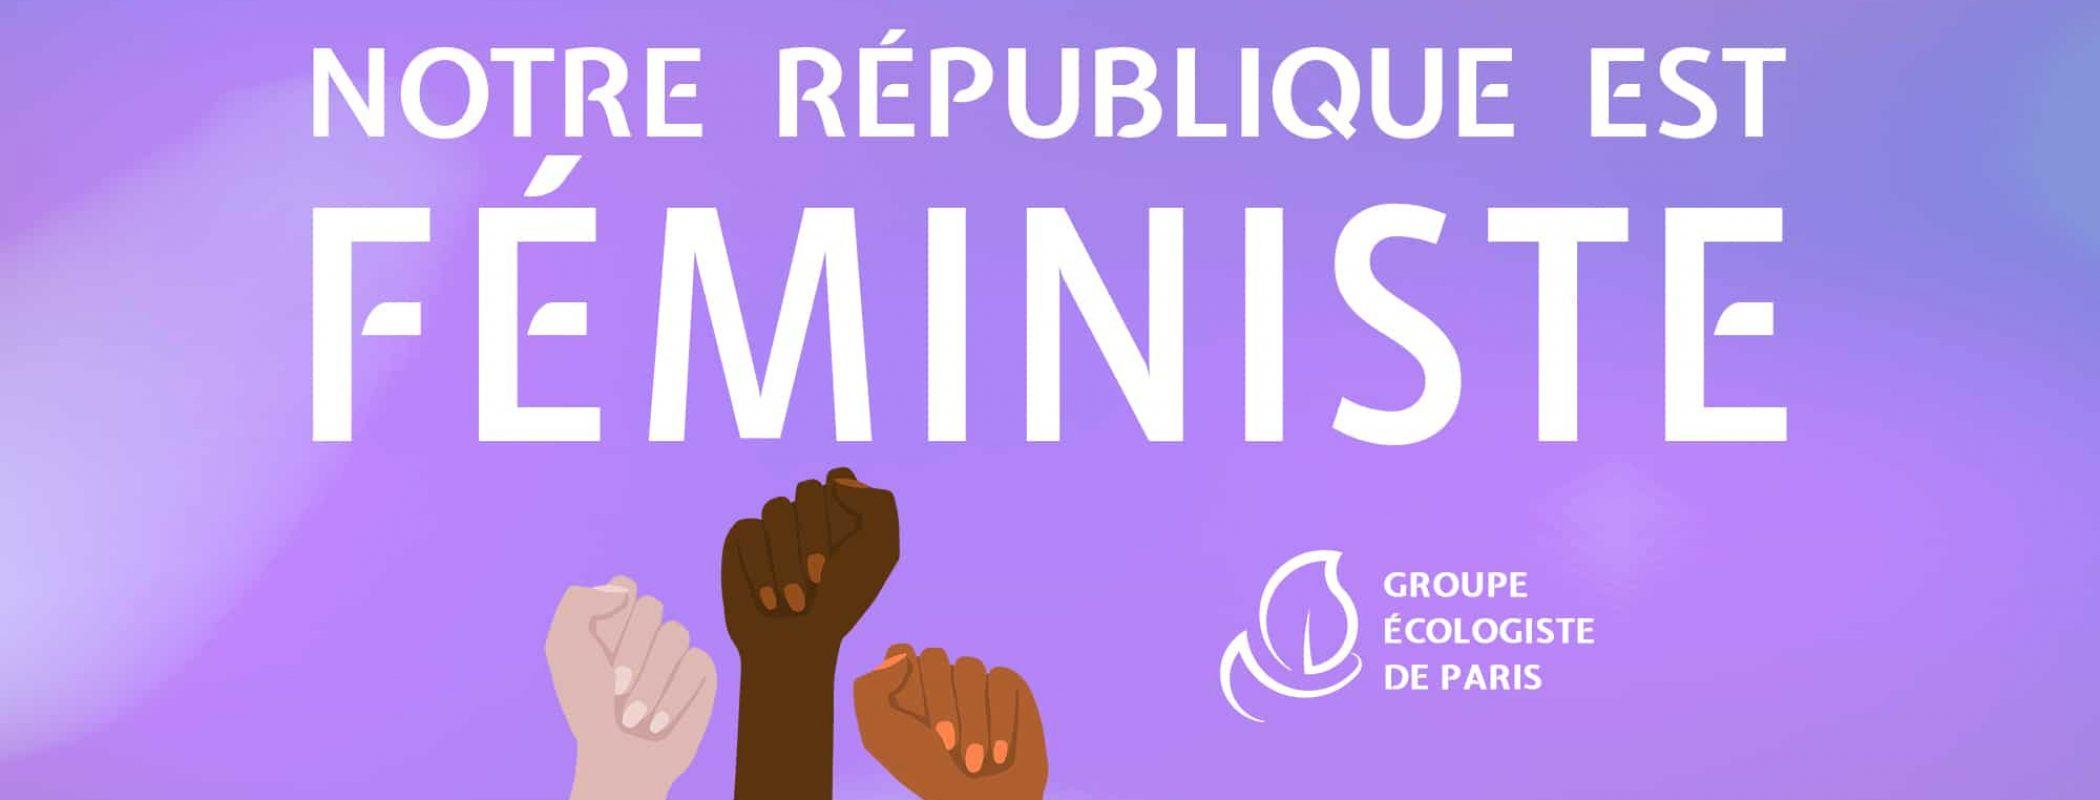 2021 03 Feminisme - Post Facebook et Twitter